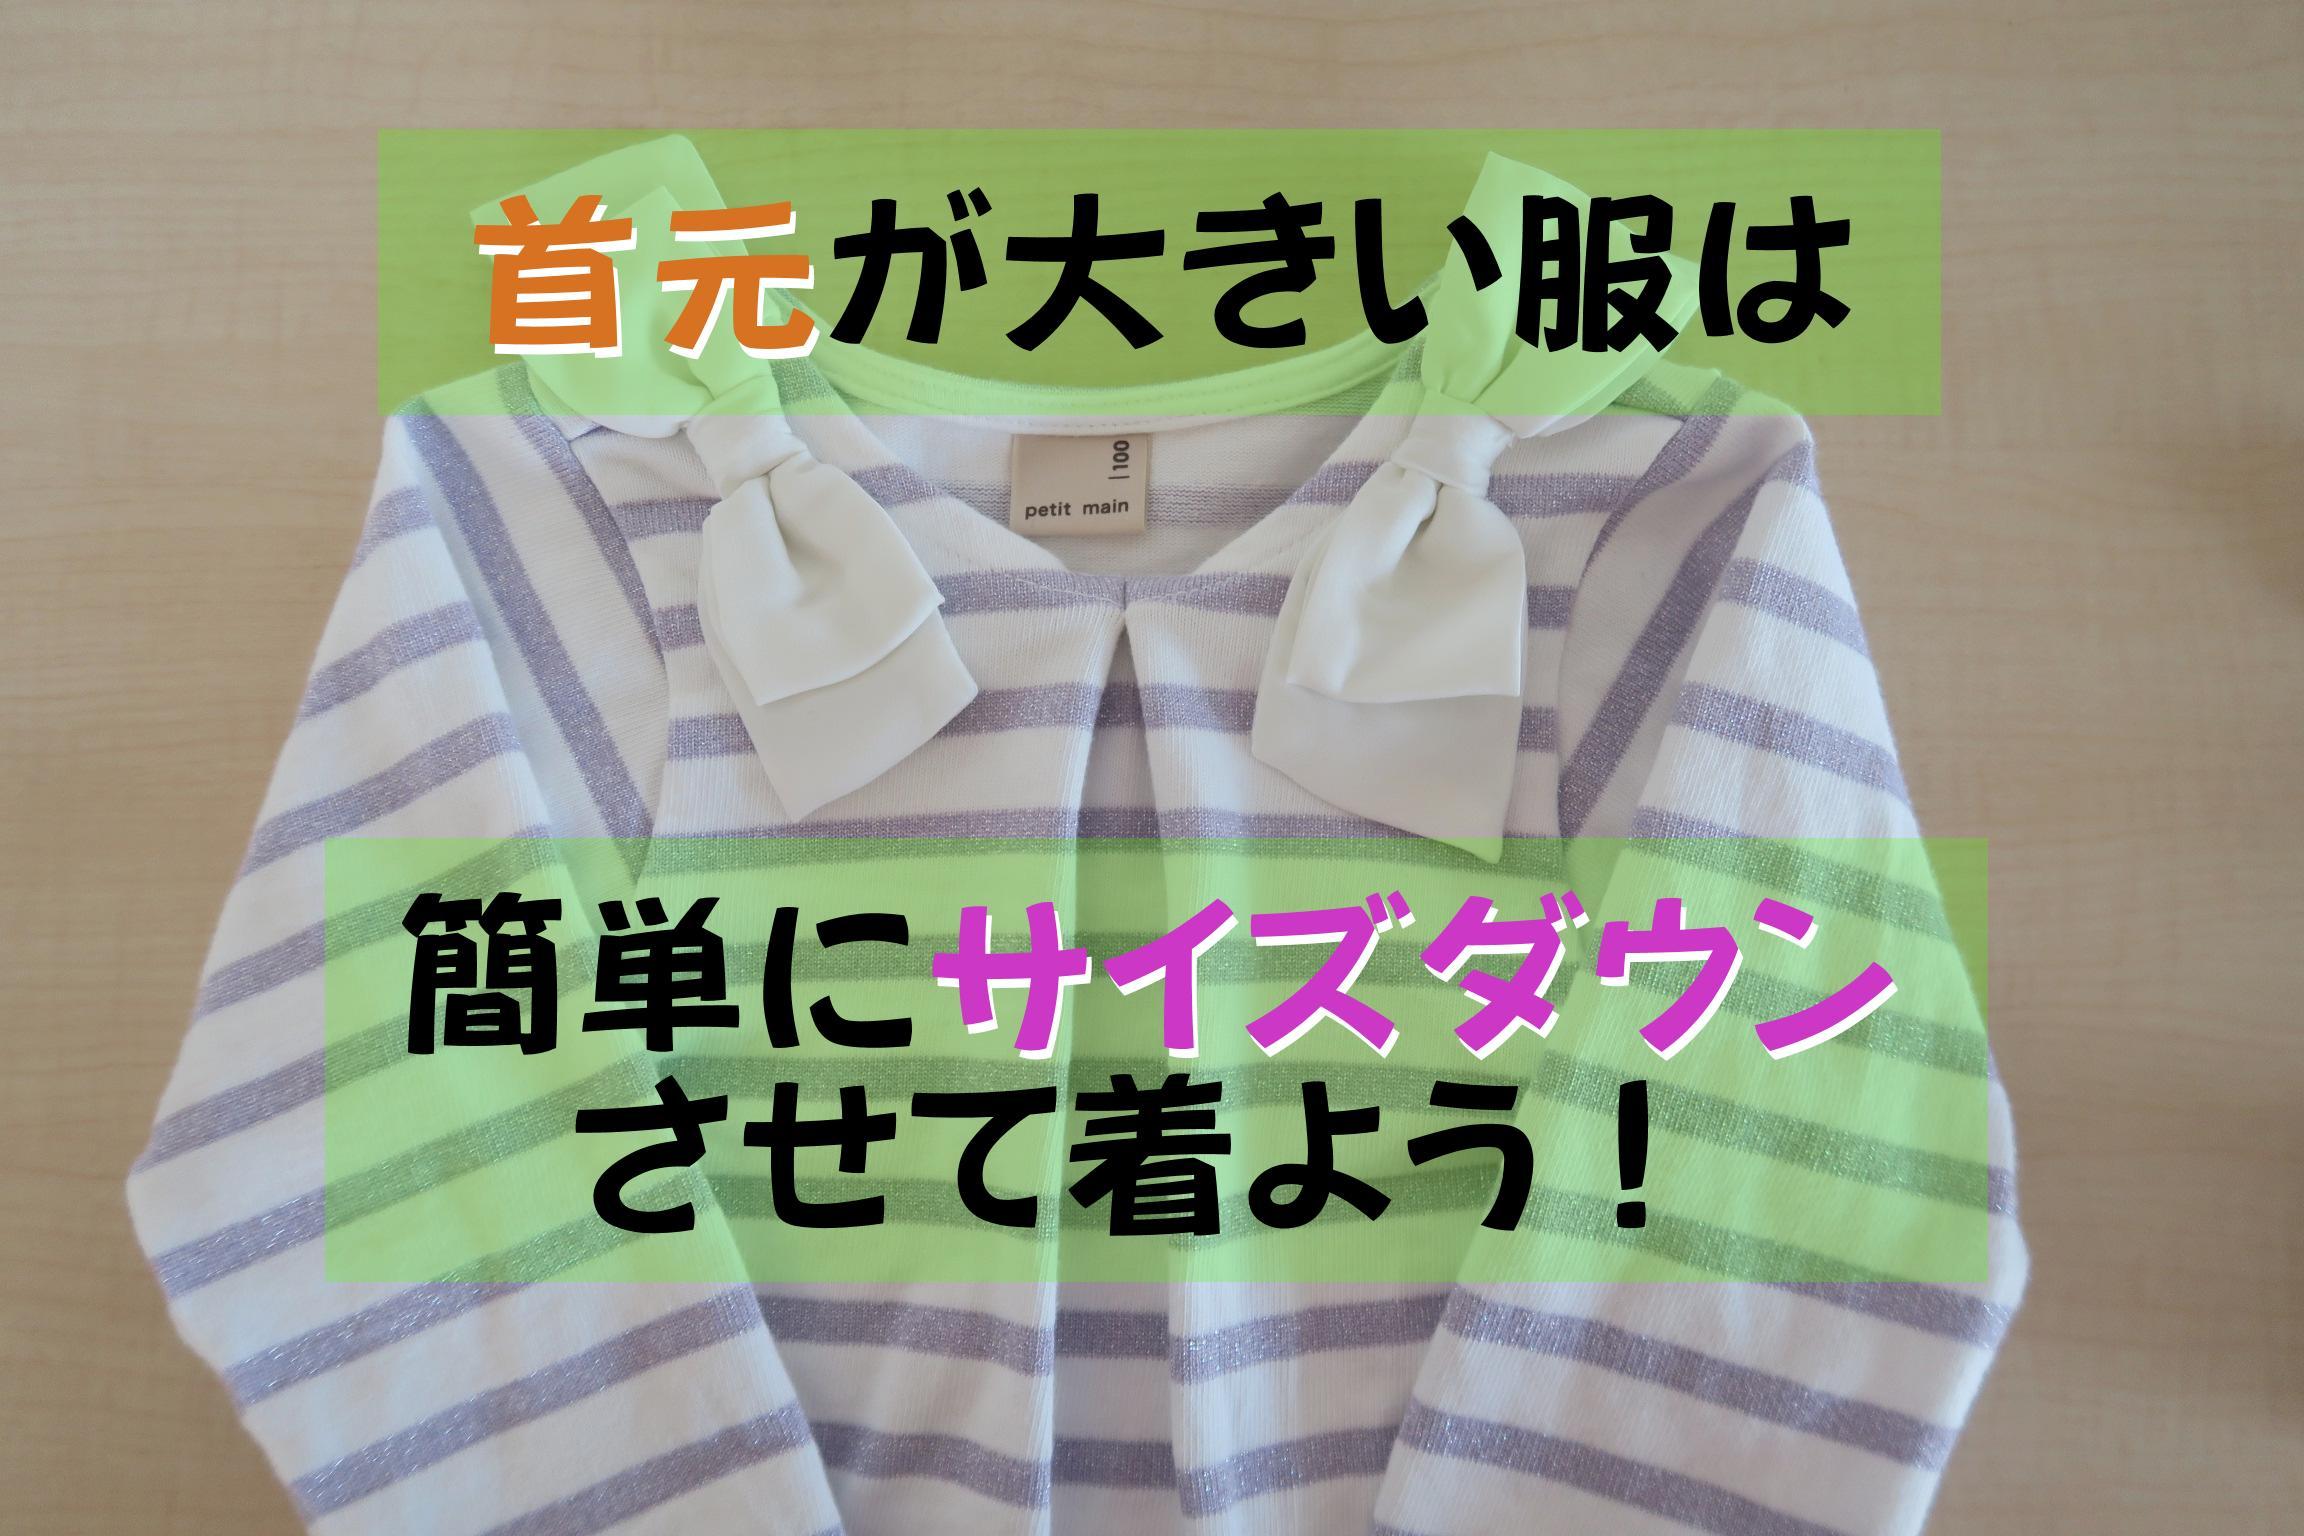 首元が大きい服は簡単にサイズダウンさせて着よう!